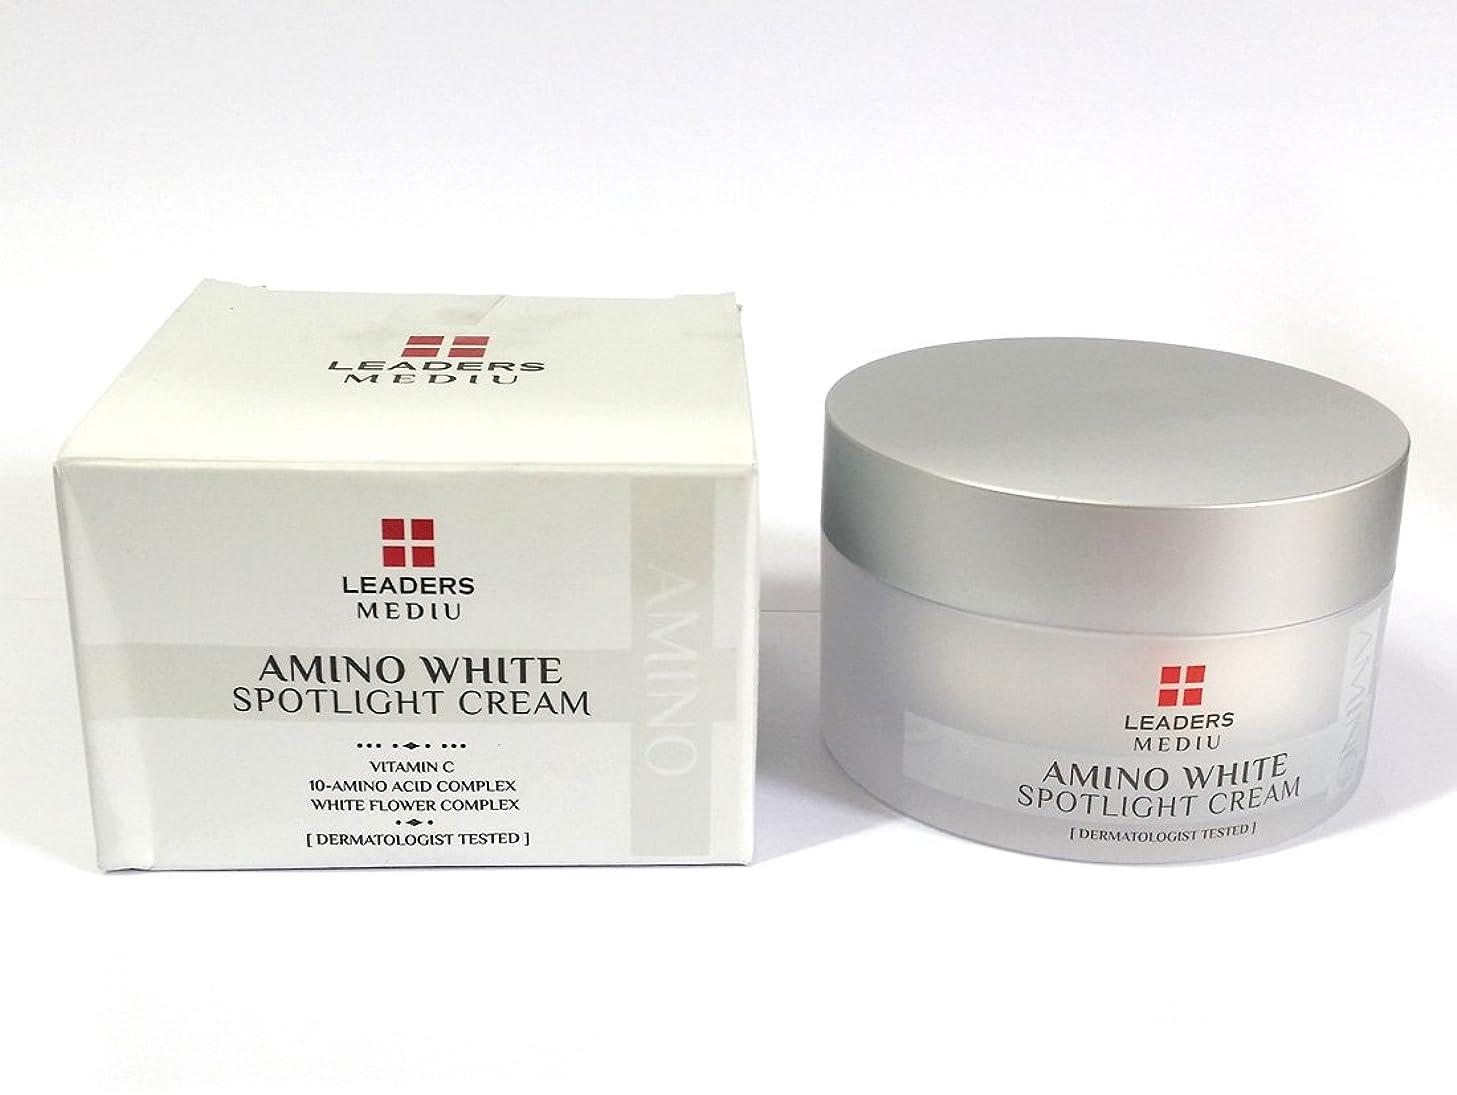 合併症一緒に誘う[Leaders] アミノホワイトスポットライト50ml / Amino White Spotlight Cream 50ml?/ ホワイトニング、アンチリンクル、モイスチャライジング / Whitening, Anti-Wrinkle, Moisturizing / 韓国化粧品 / Korean Cosmetics [並行輸入品]